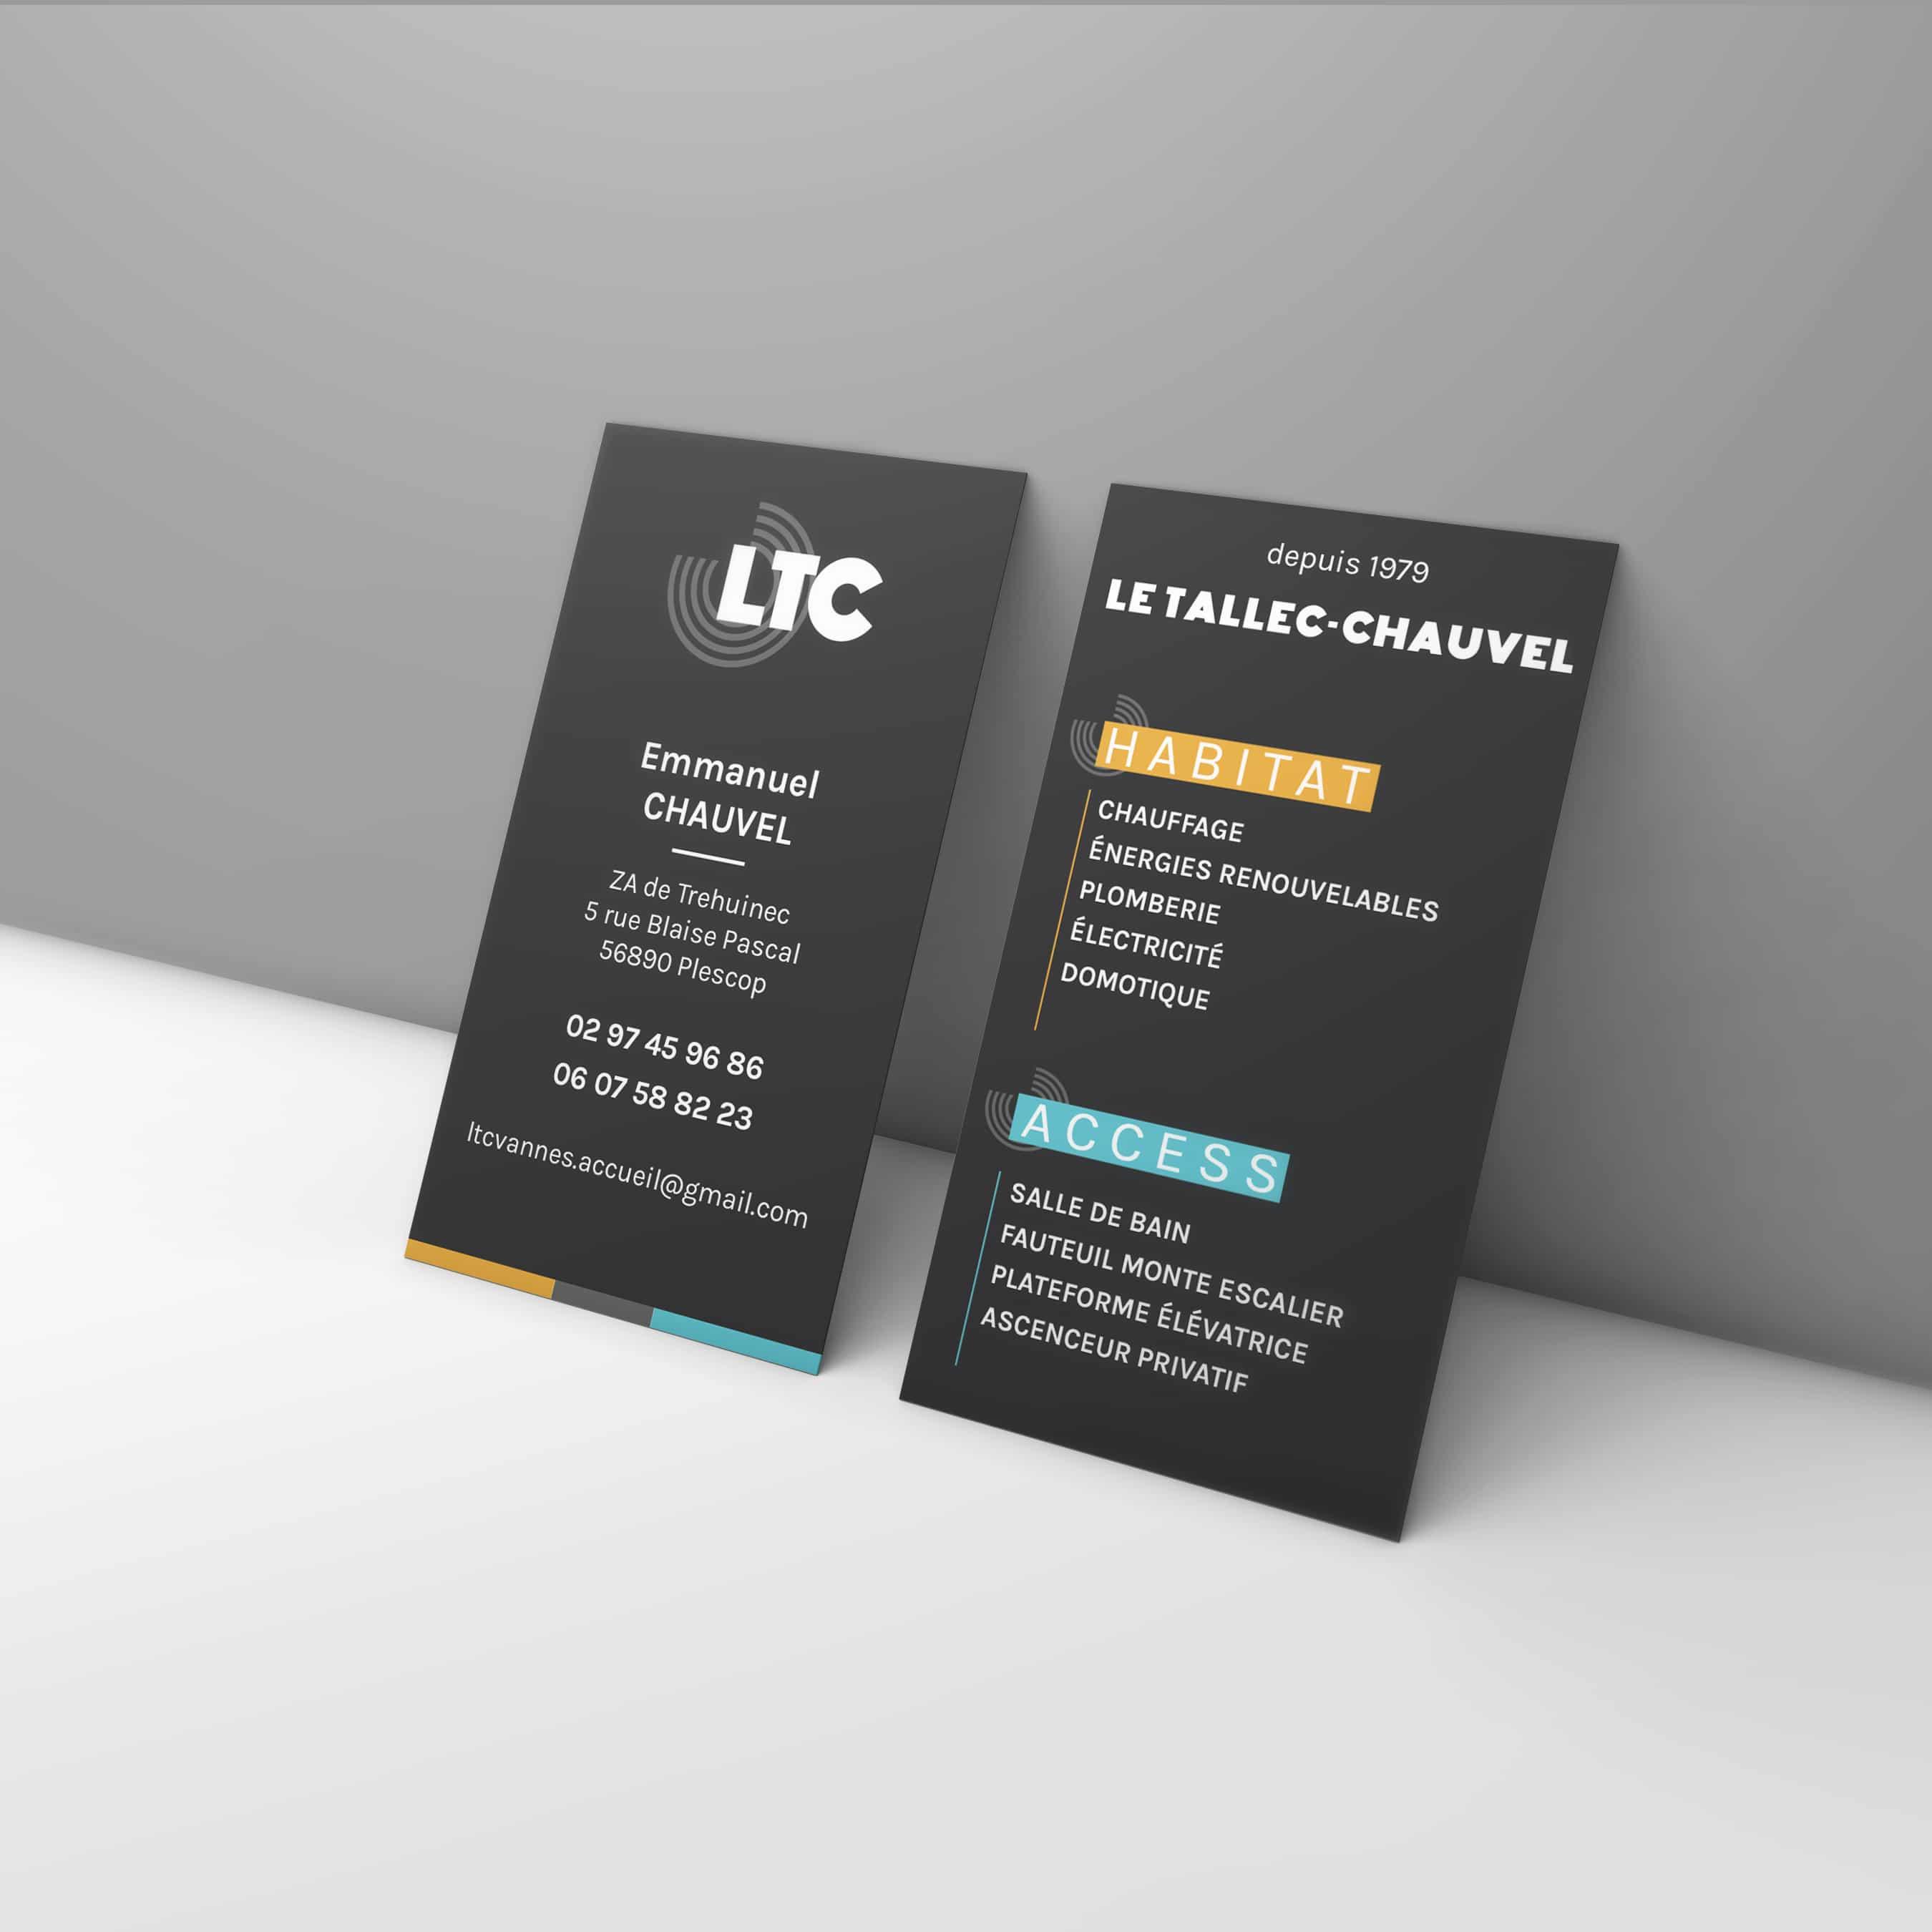 LTC cartes de visite